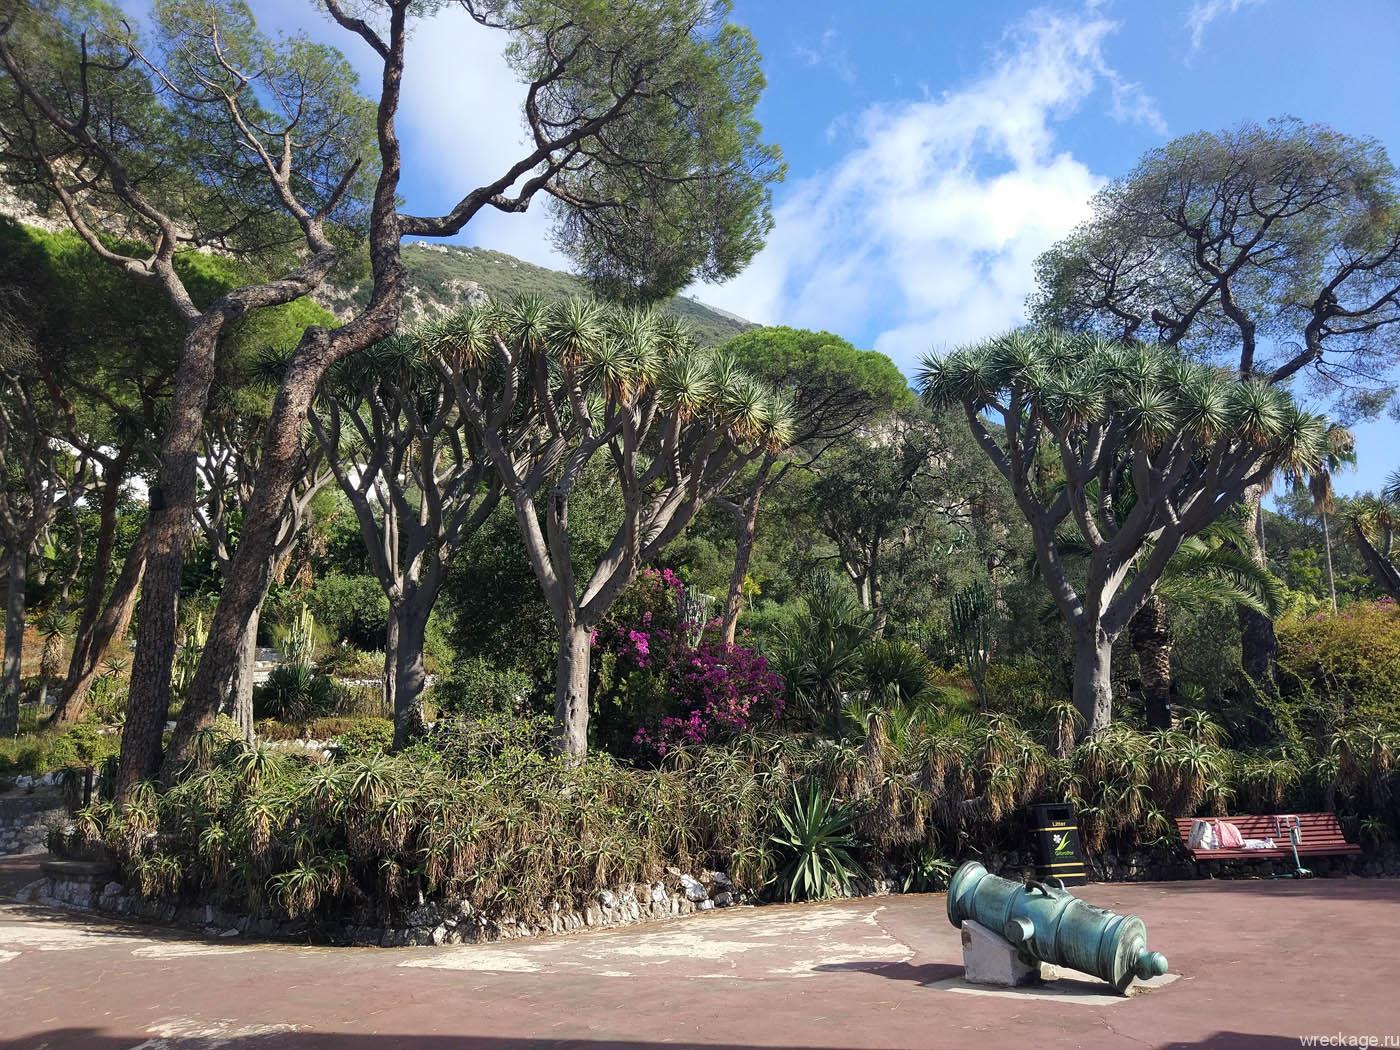 Ботанический сад Гибралтара и вечер в Ла-Линее.